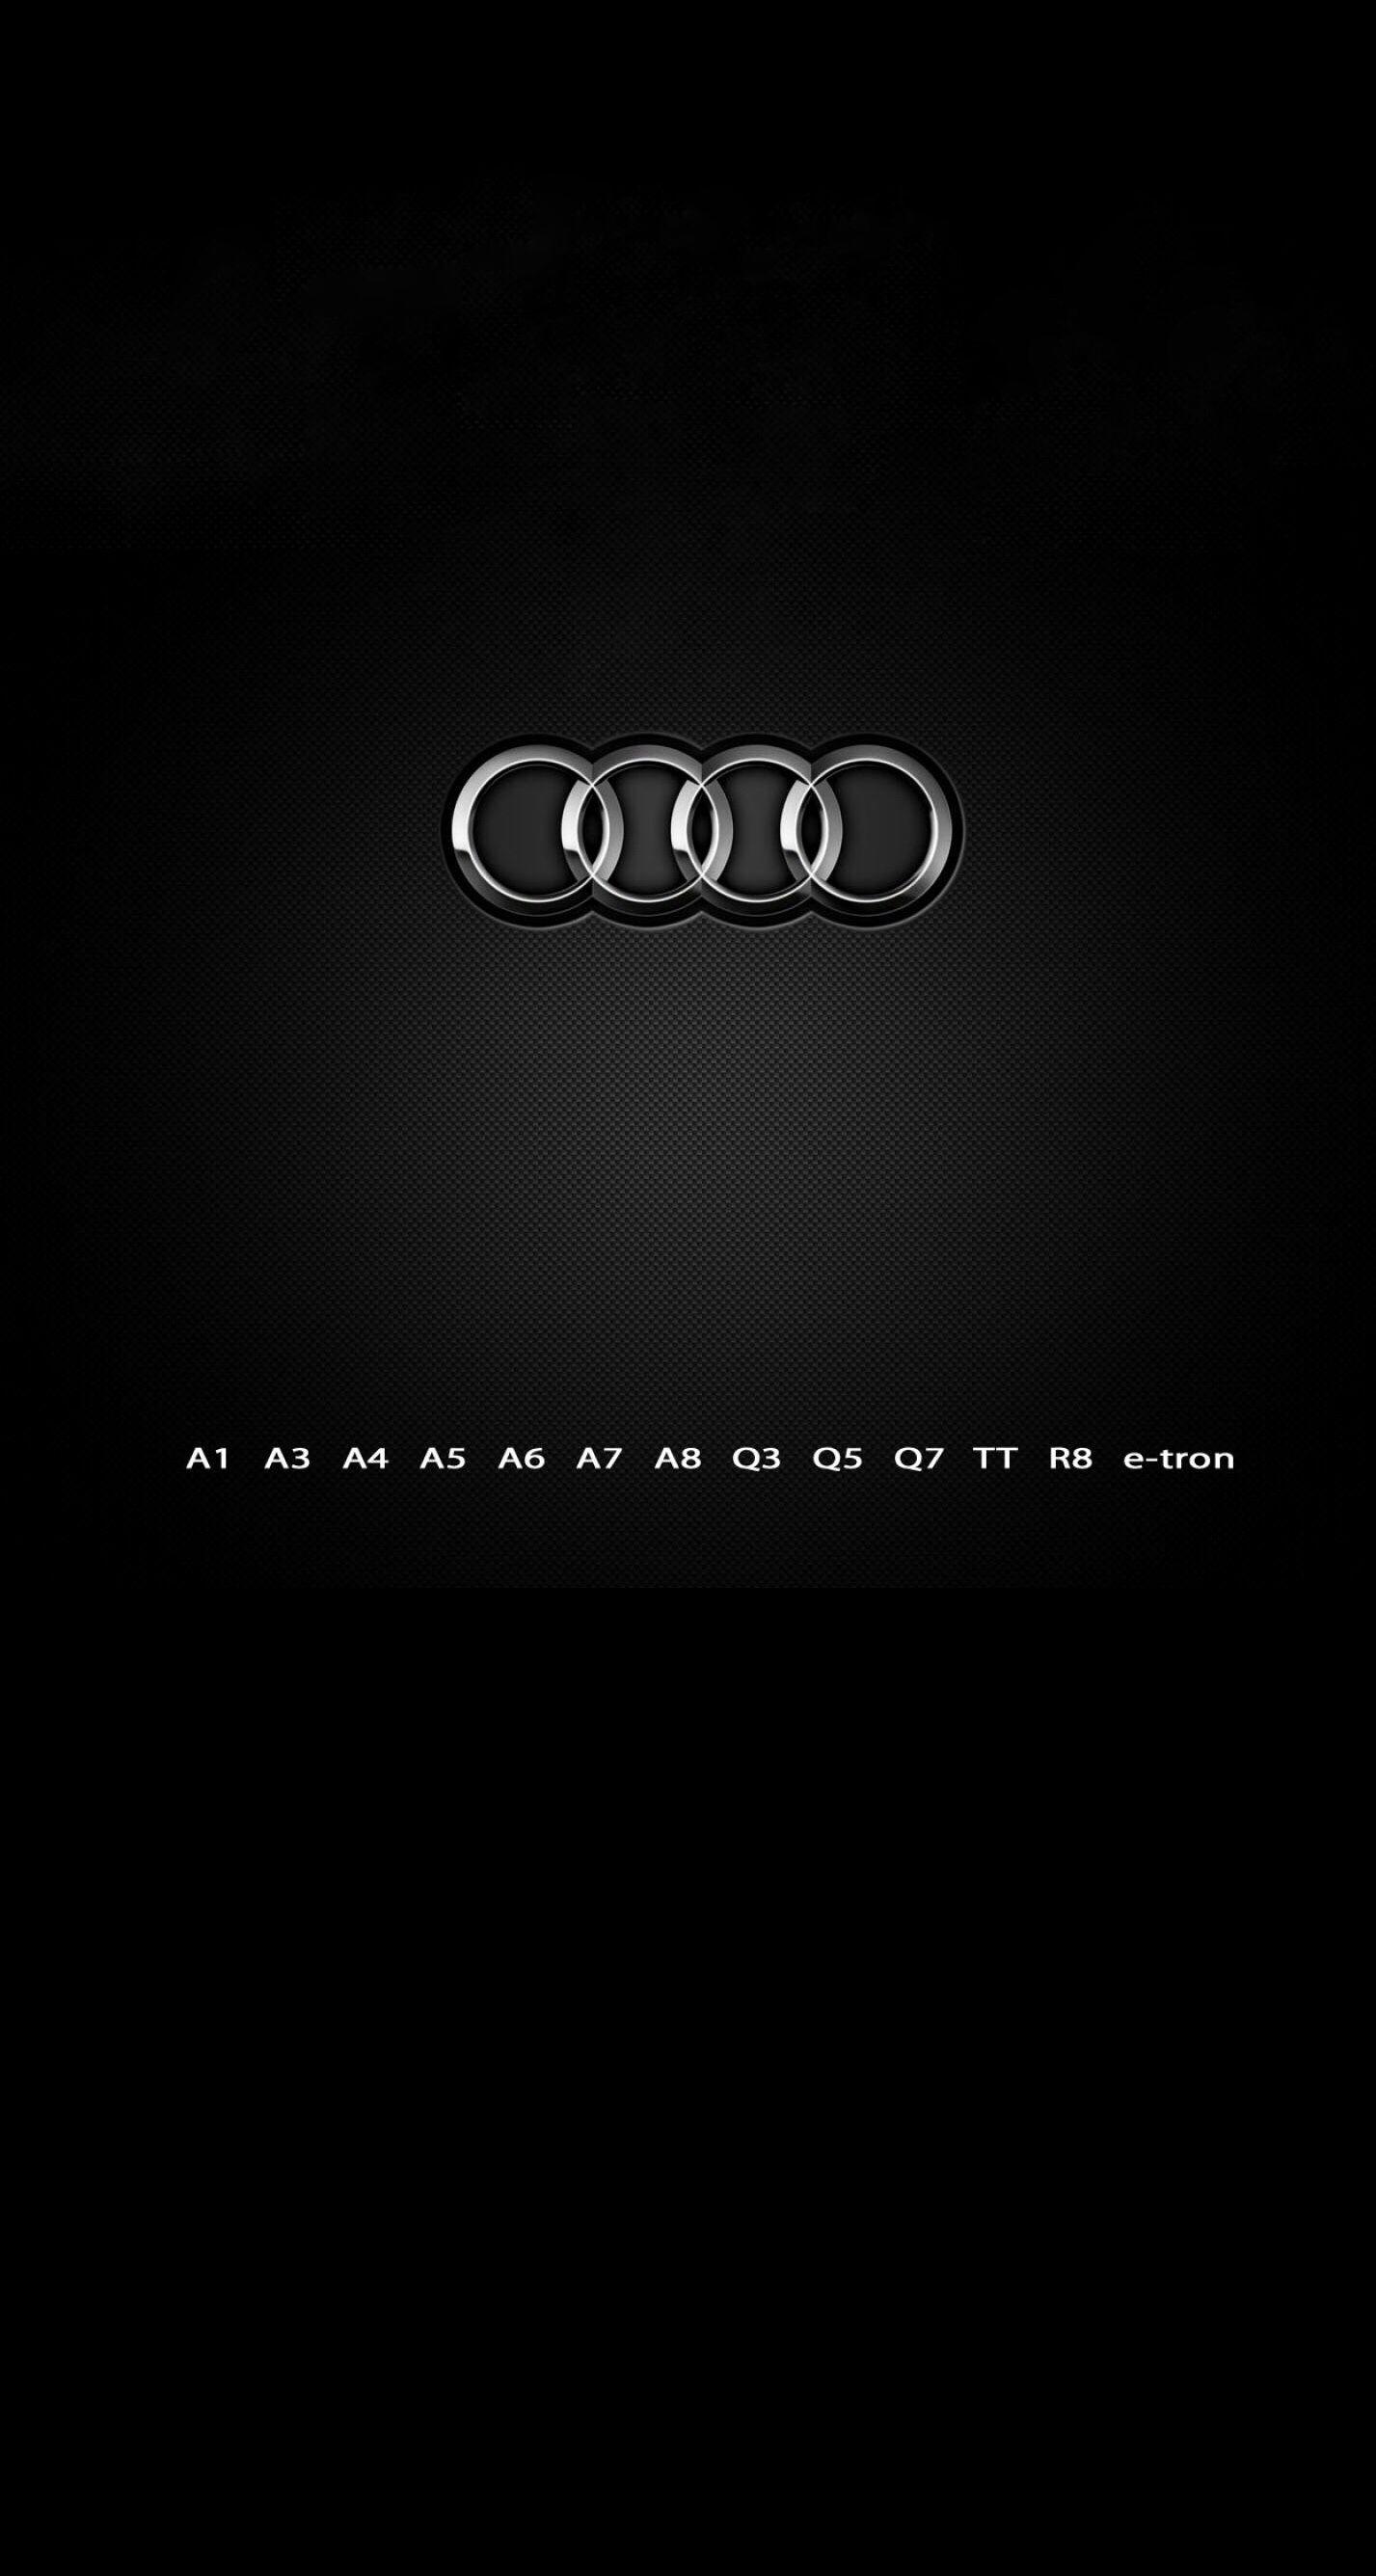 Pin Von Cristina Ghiurca Auf Audi Audi Audi A3 Limousine Audi B8